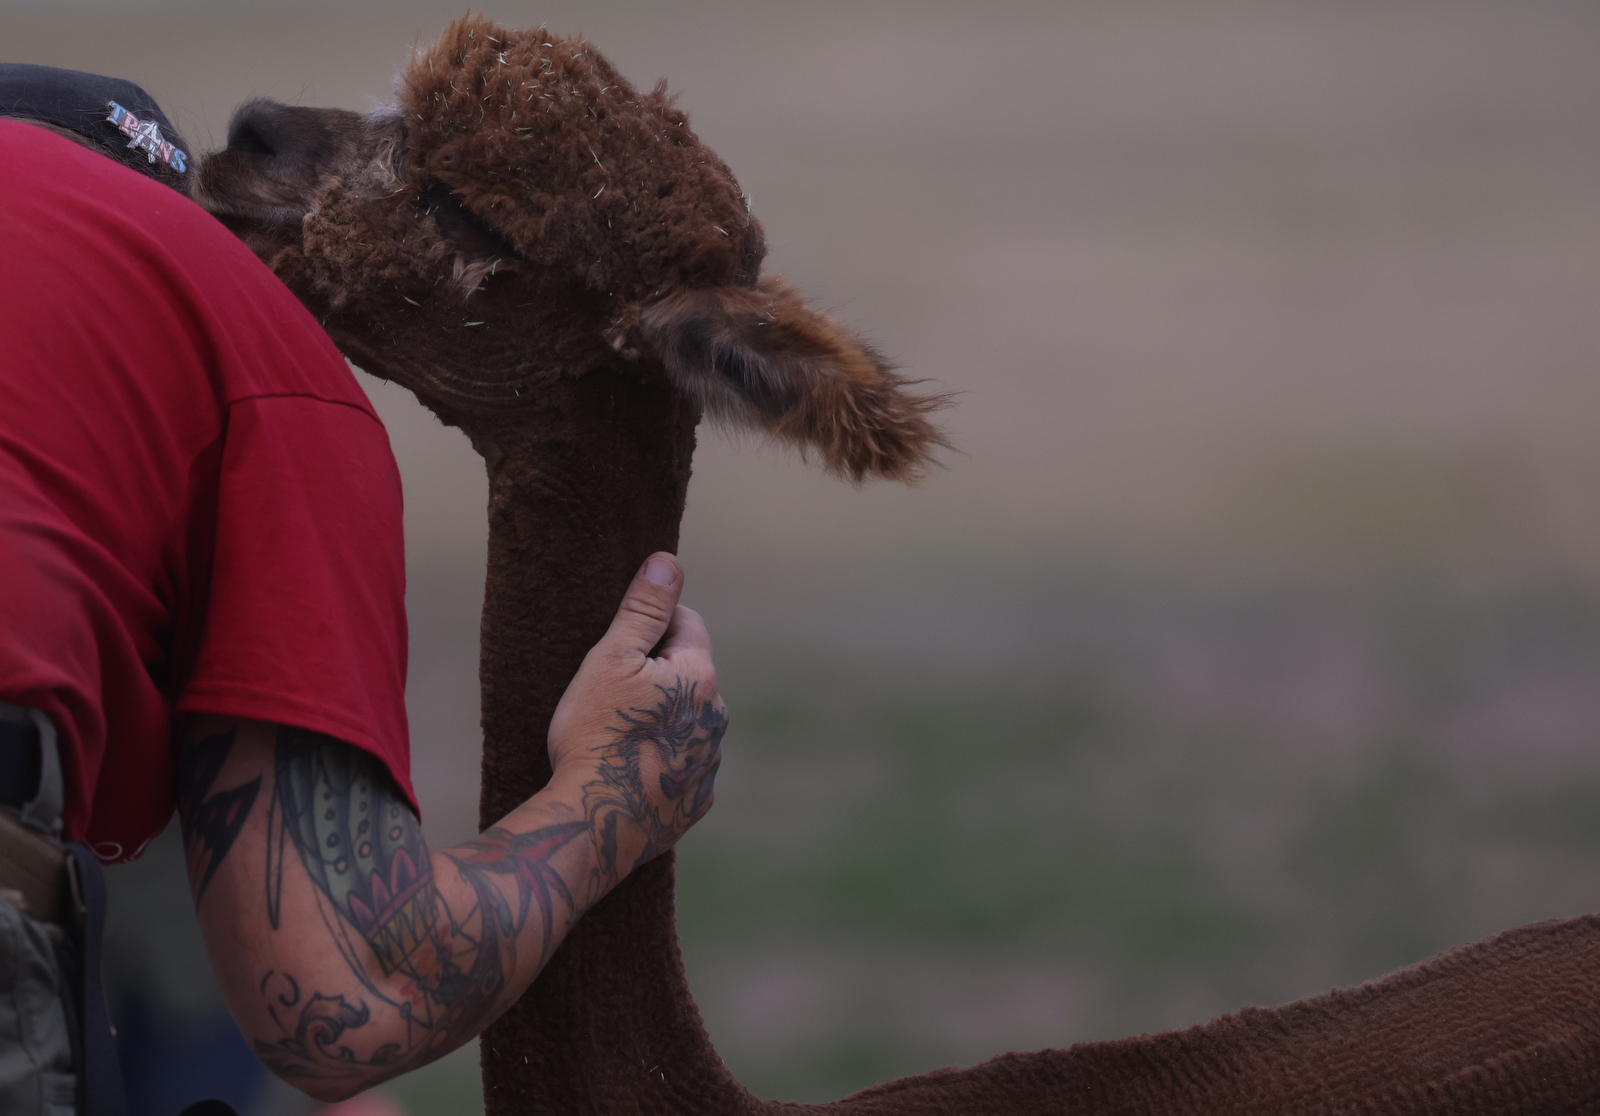 The Tenacious Unicorn Ranch is a trans haven alpaca ranch in rural Colorado.